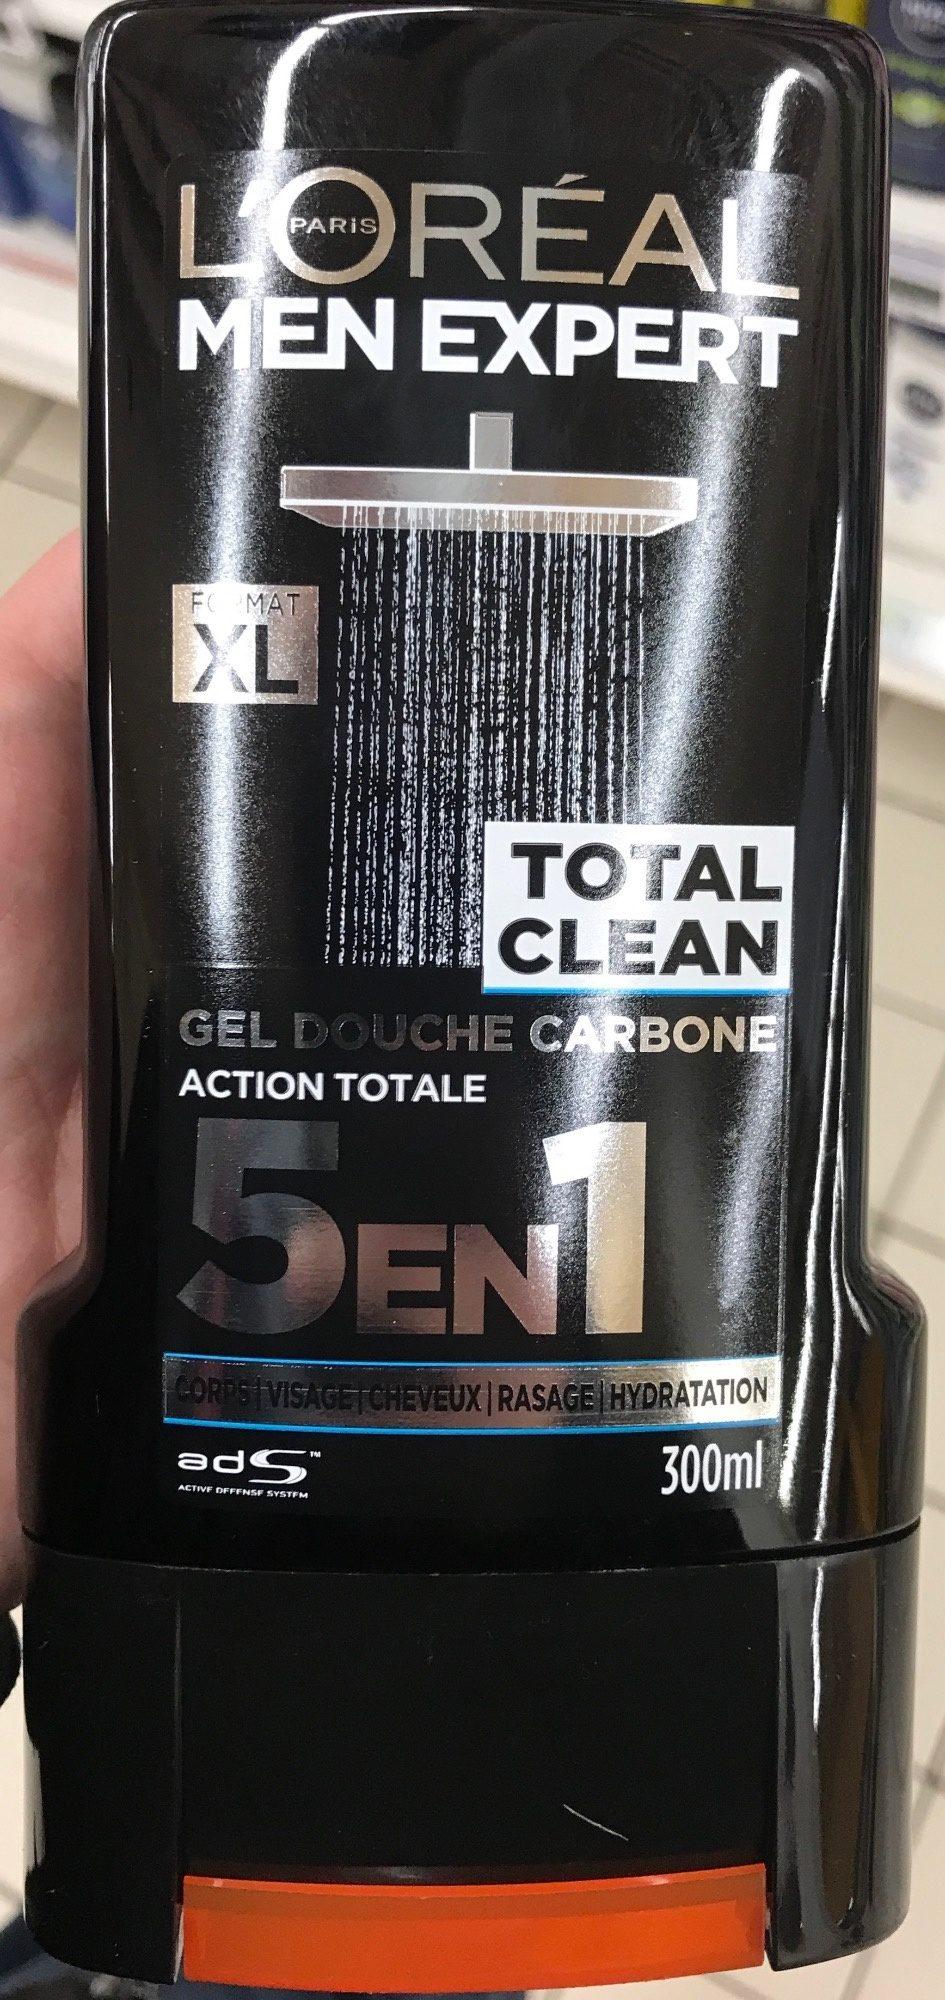 Gel douche Total Clean 5 en 1 (format XL) - Product - fr